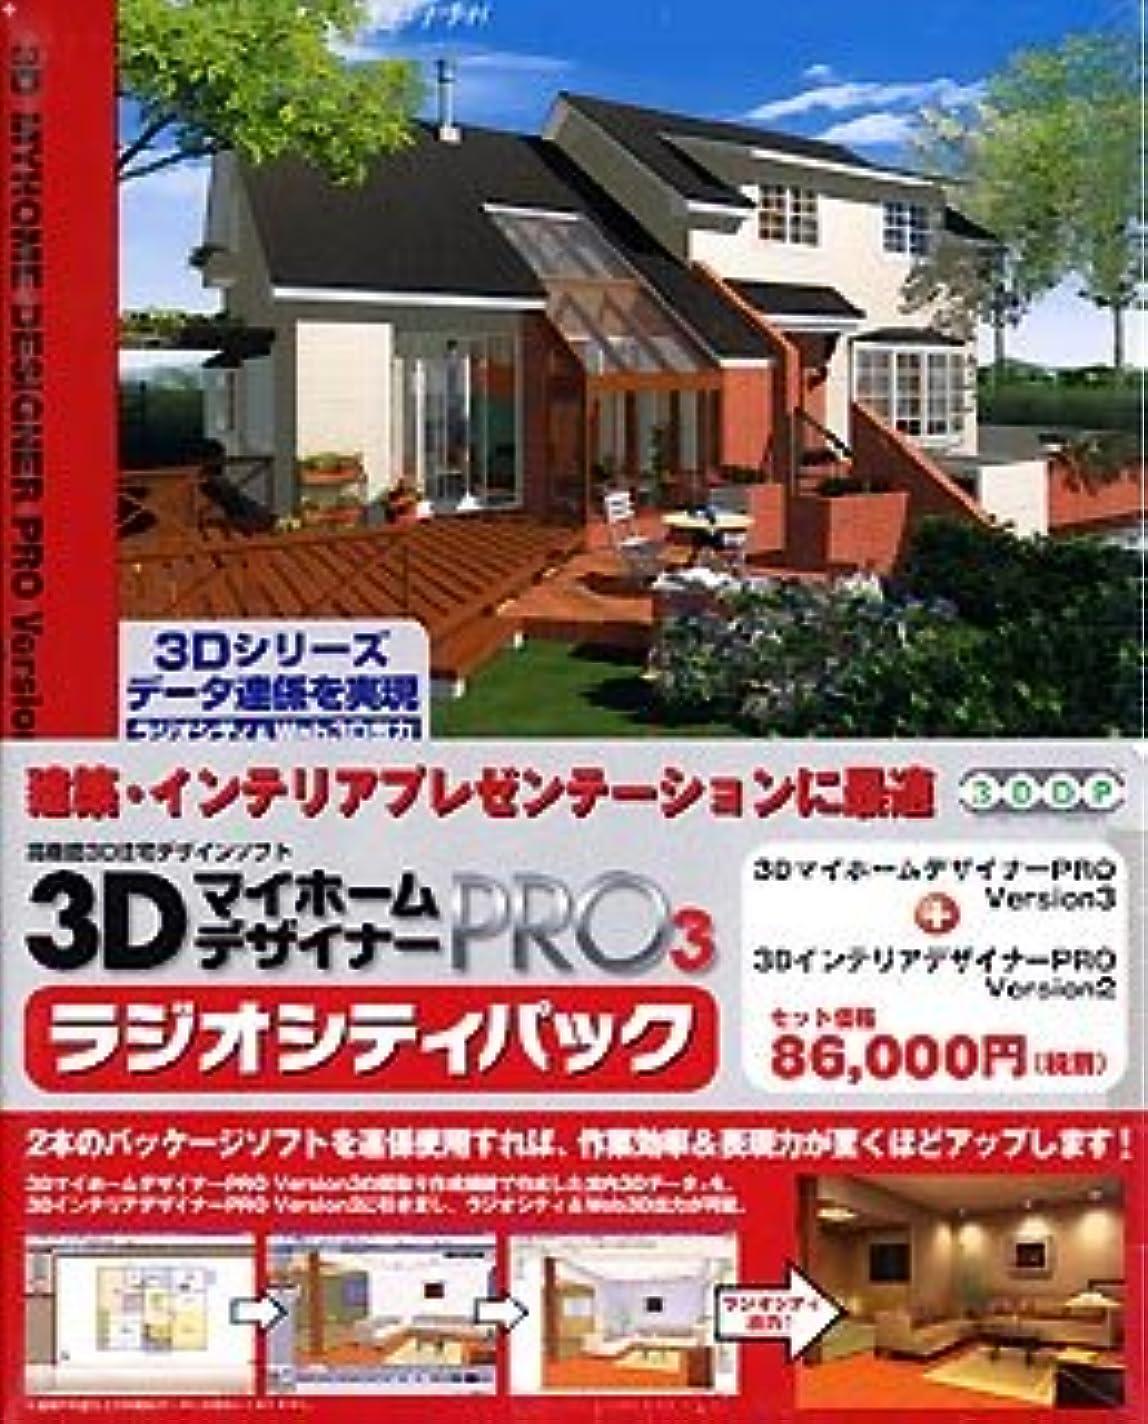 機動きゅうりセクタ3Dマイホームデザイナー Pro 3 ラジオシティパック